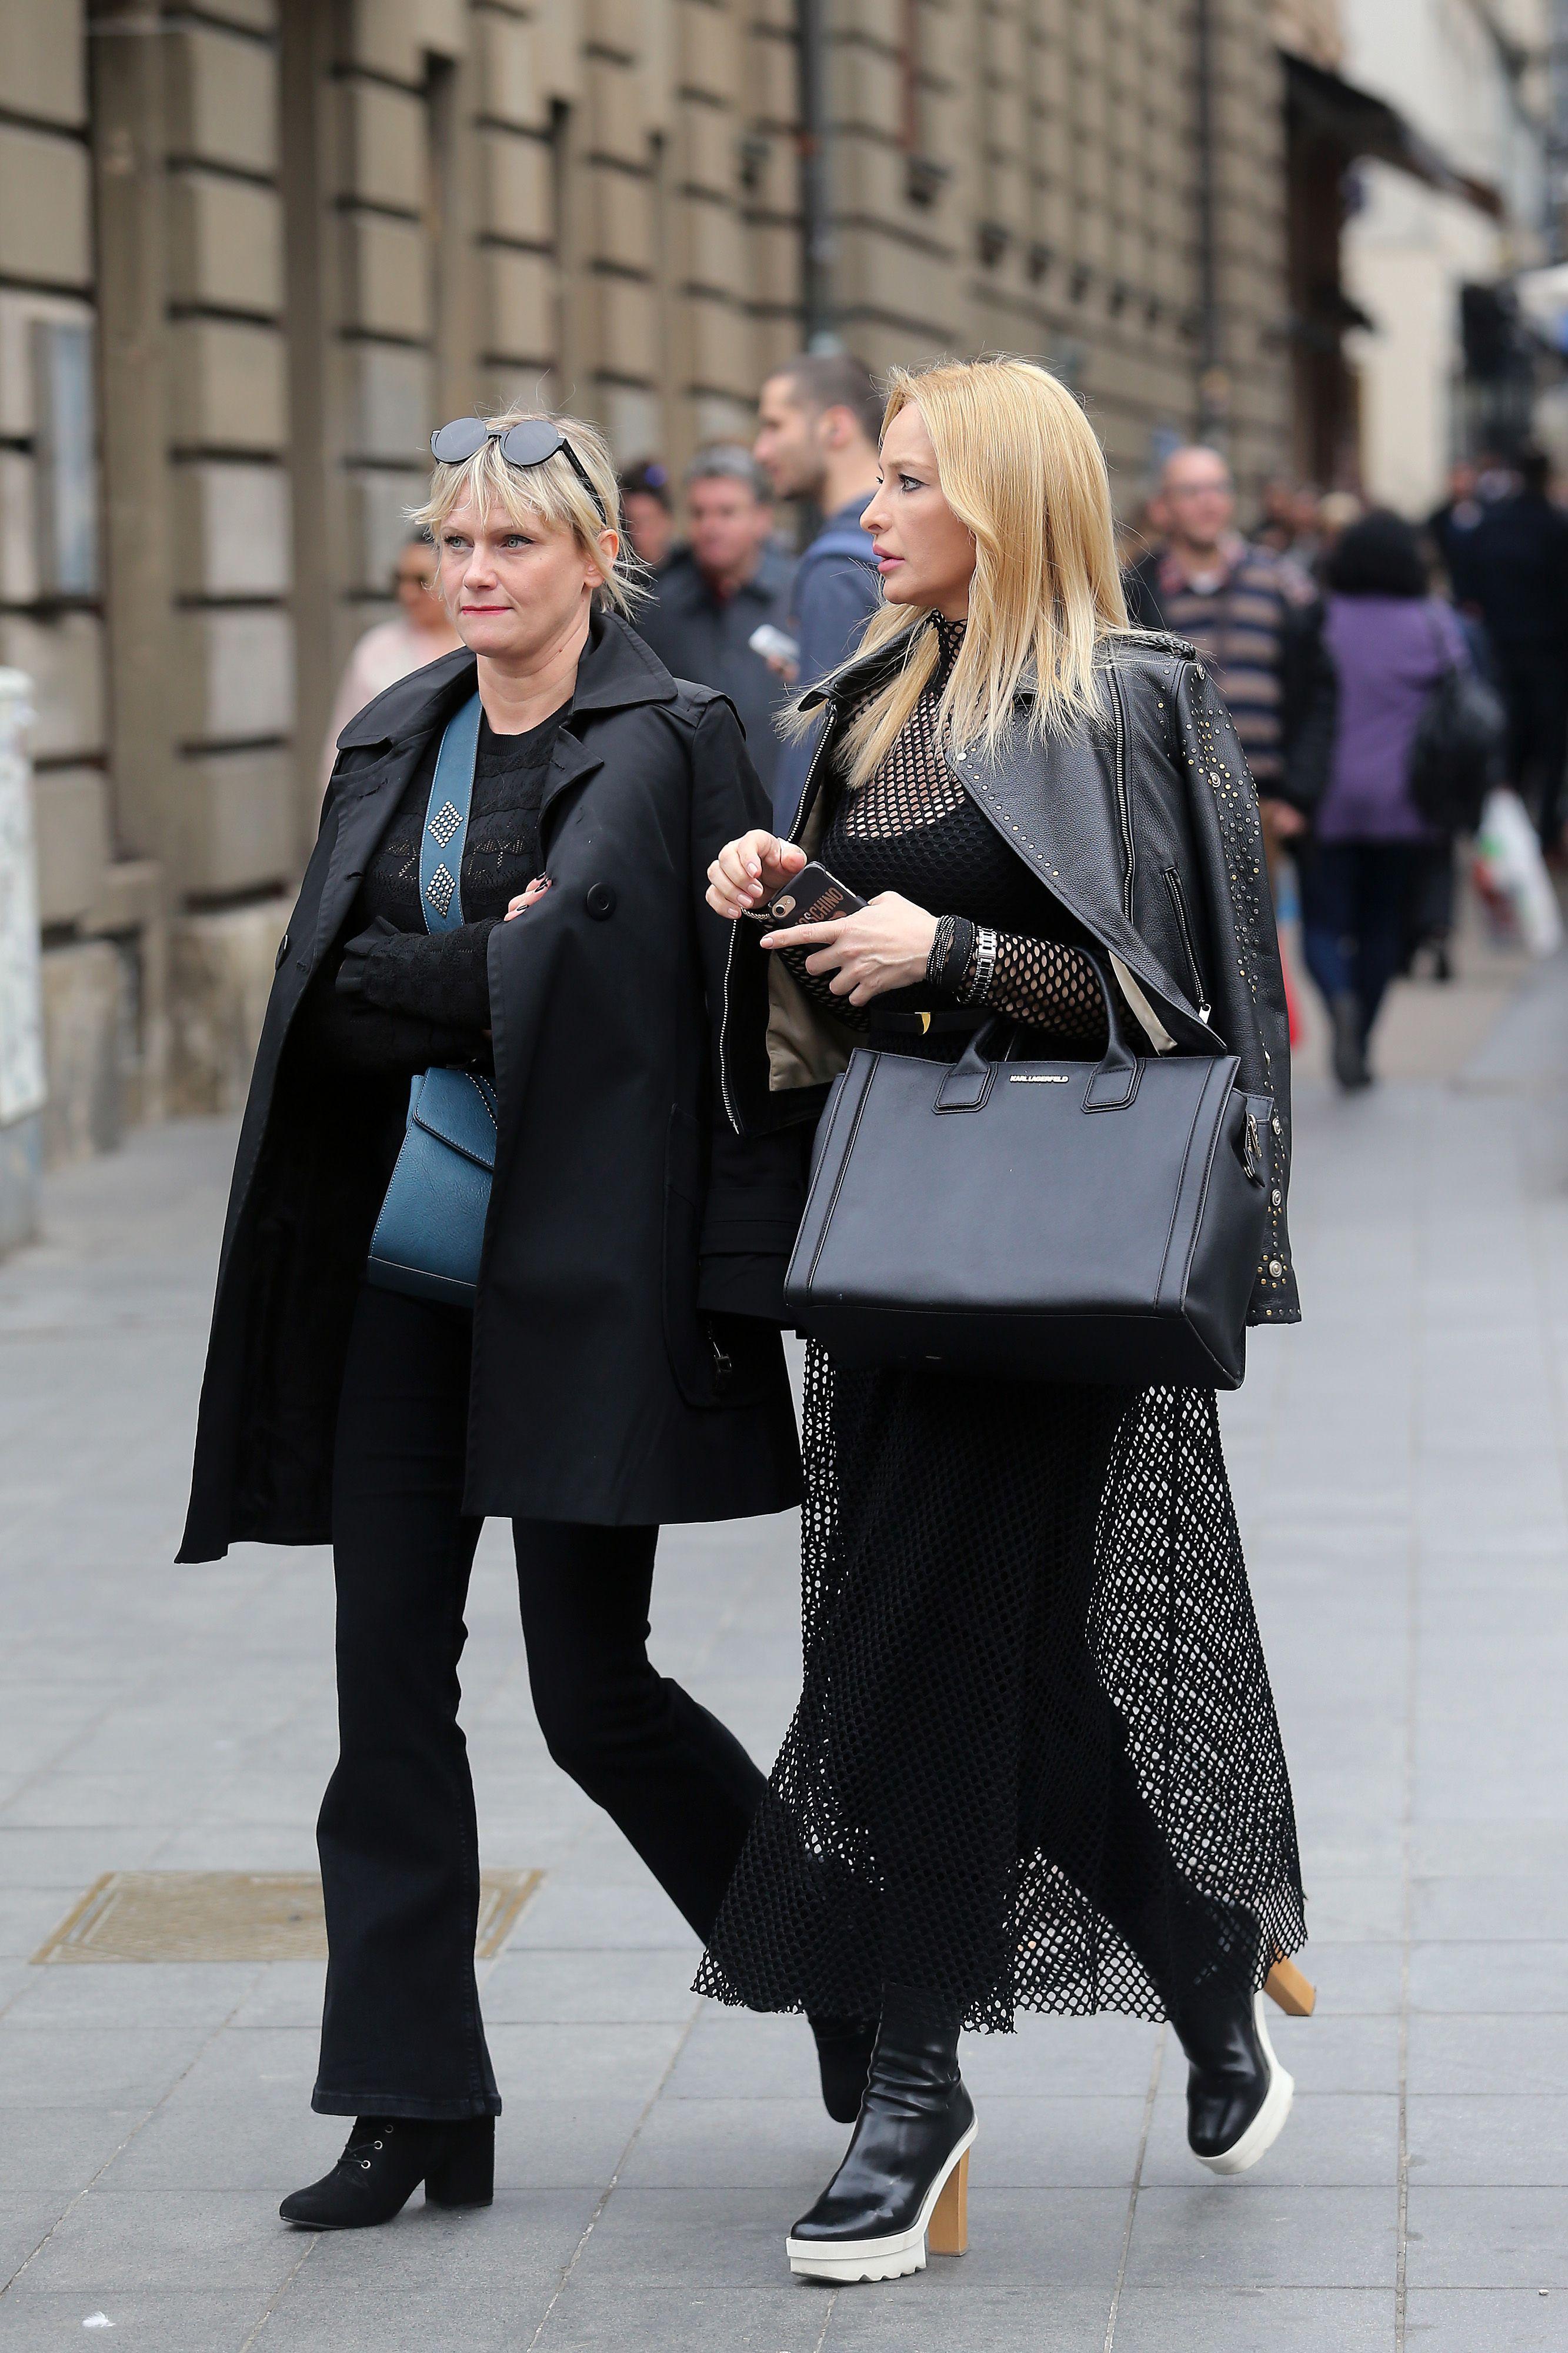 Stvarno fantastične: Njih dvije bez problema mogu na naslovnice nekog modnog časopisa!